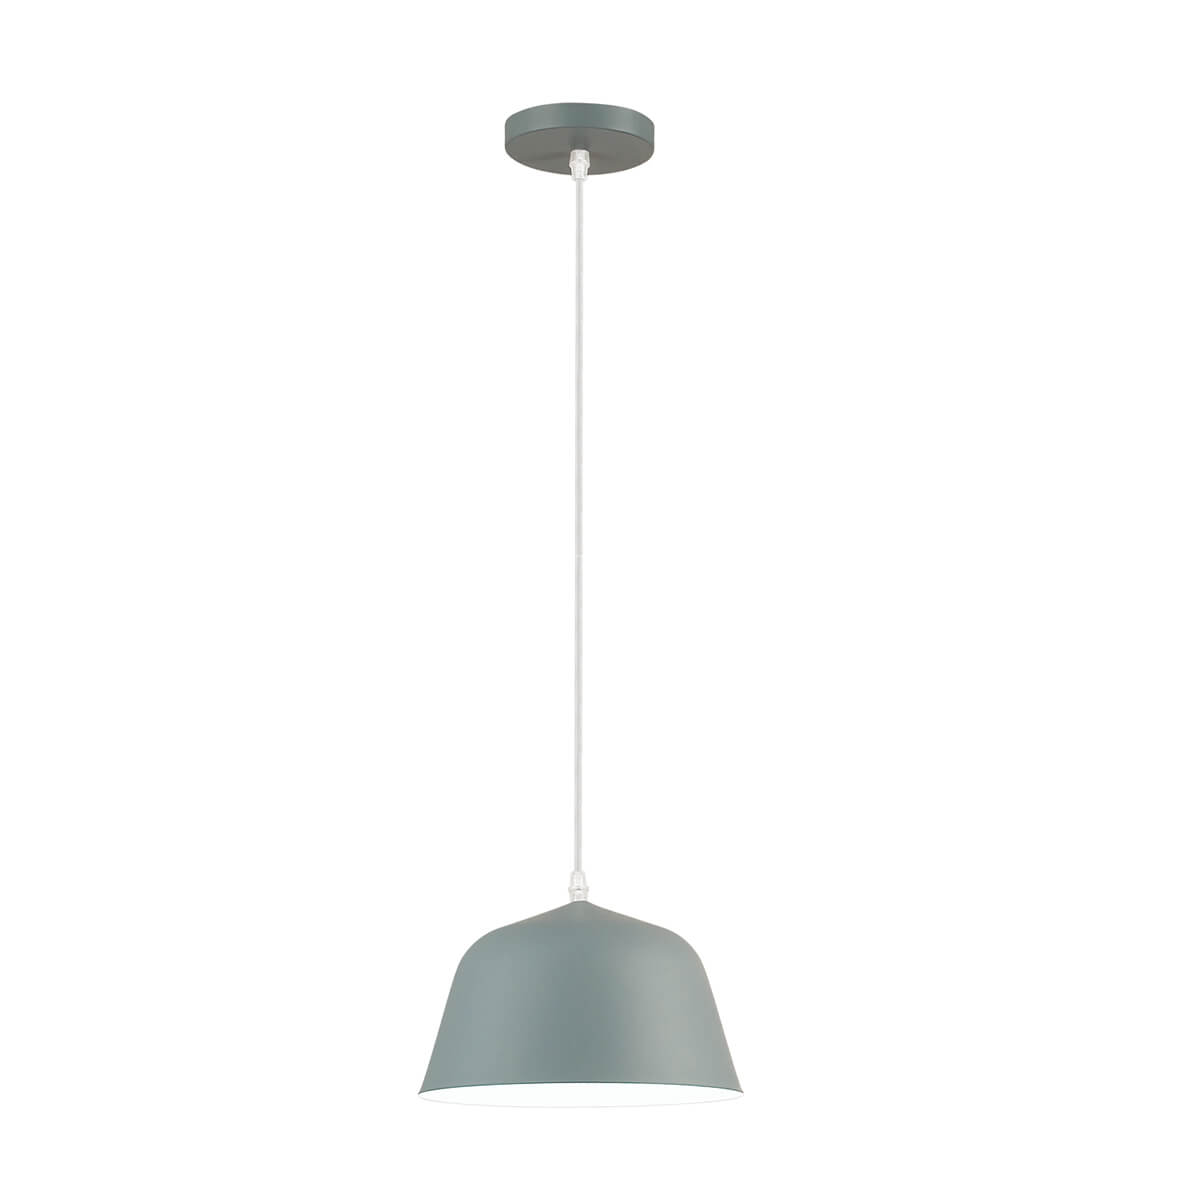 Светильник Lumion 3681/1 Suspentioni lumion подвесной светильник lumion gwen 3681 1